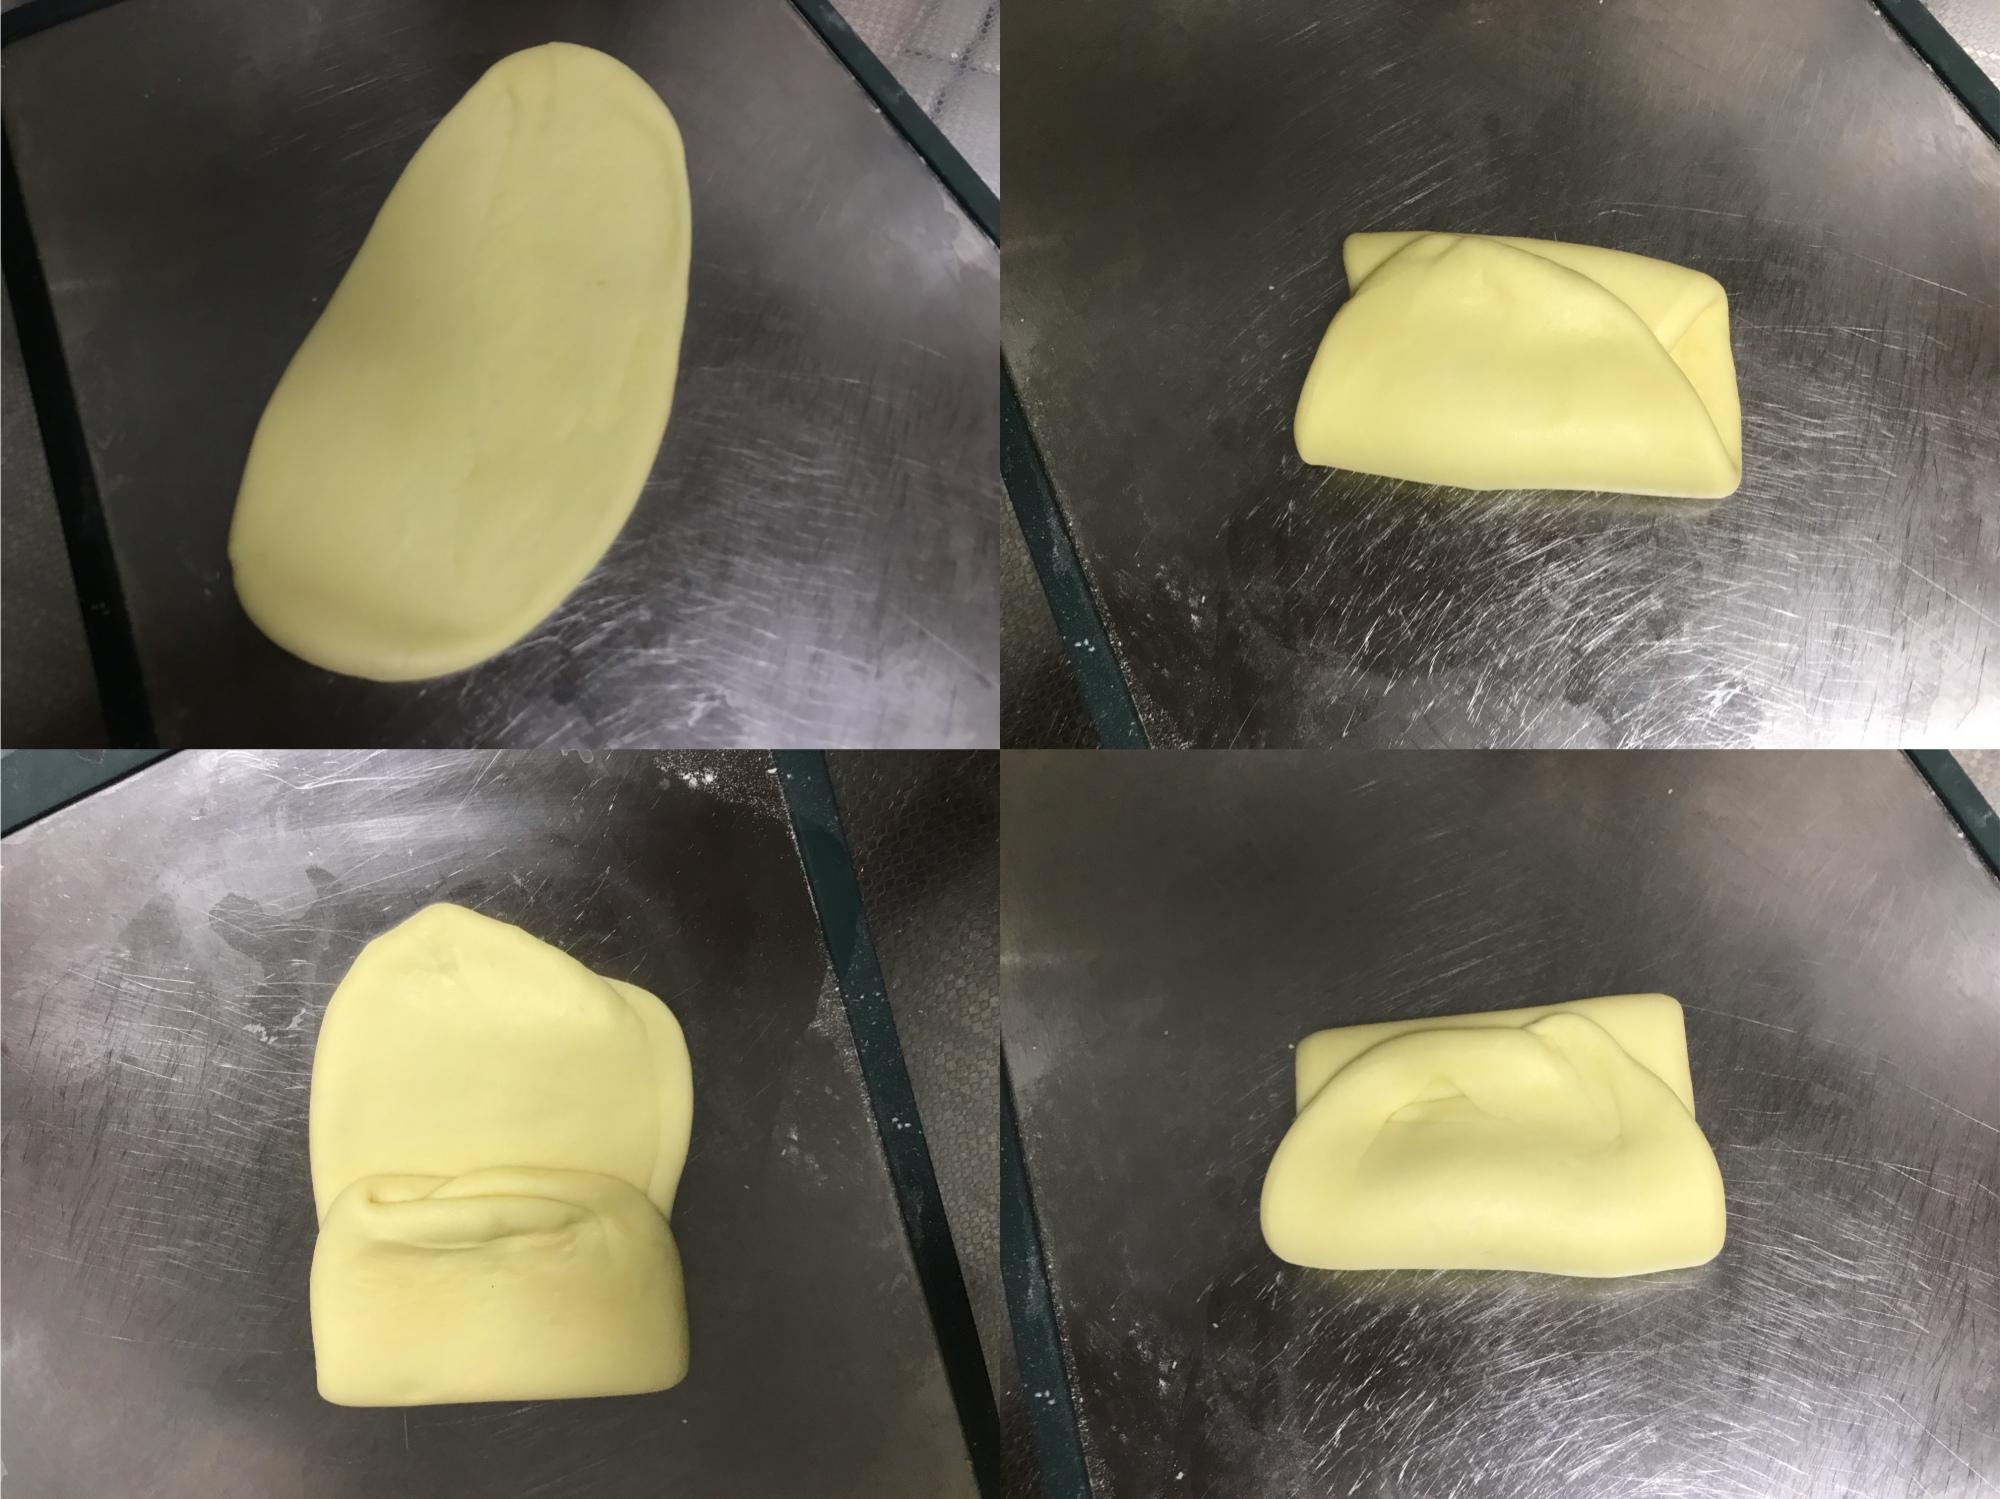 1碗面粉1个鸡蛋,网上很火的做法,易操作,松软香甜比面包好吃 美食做法 第4张